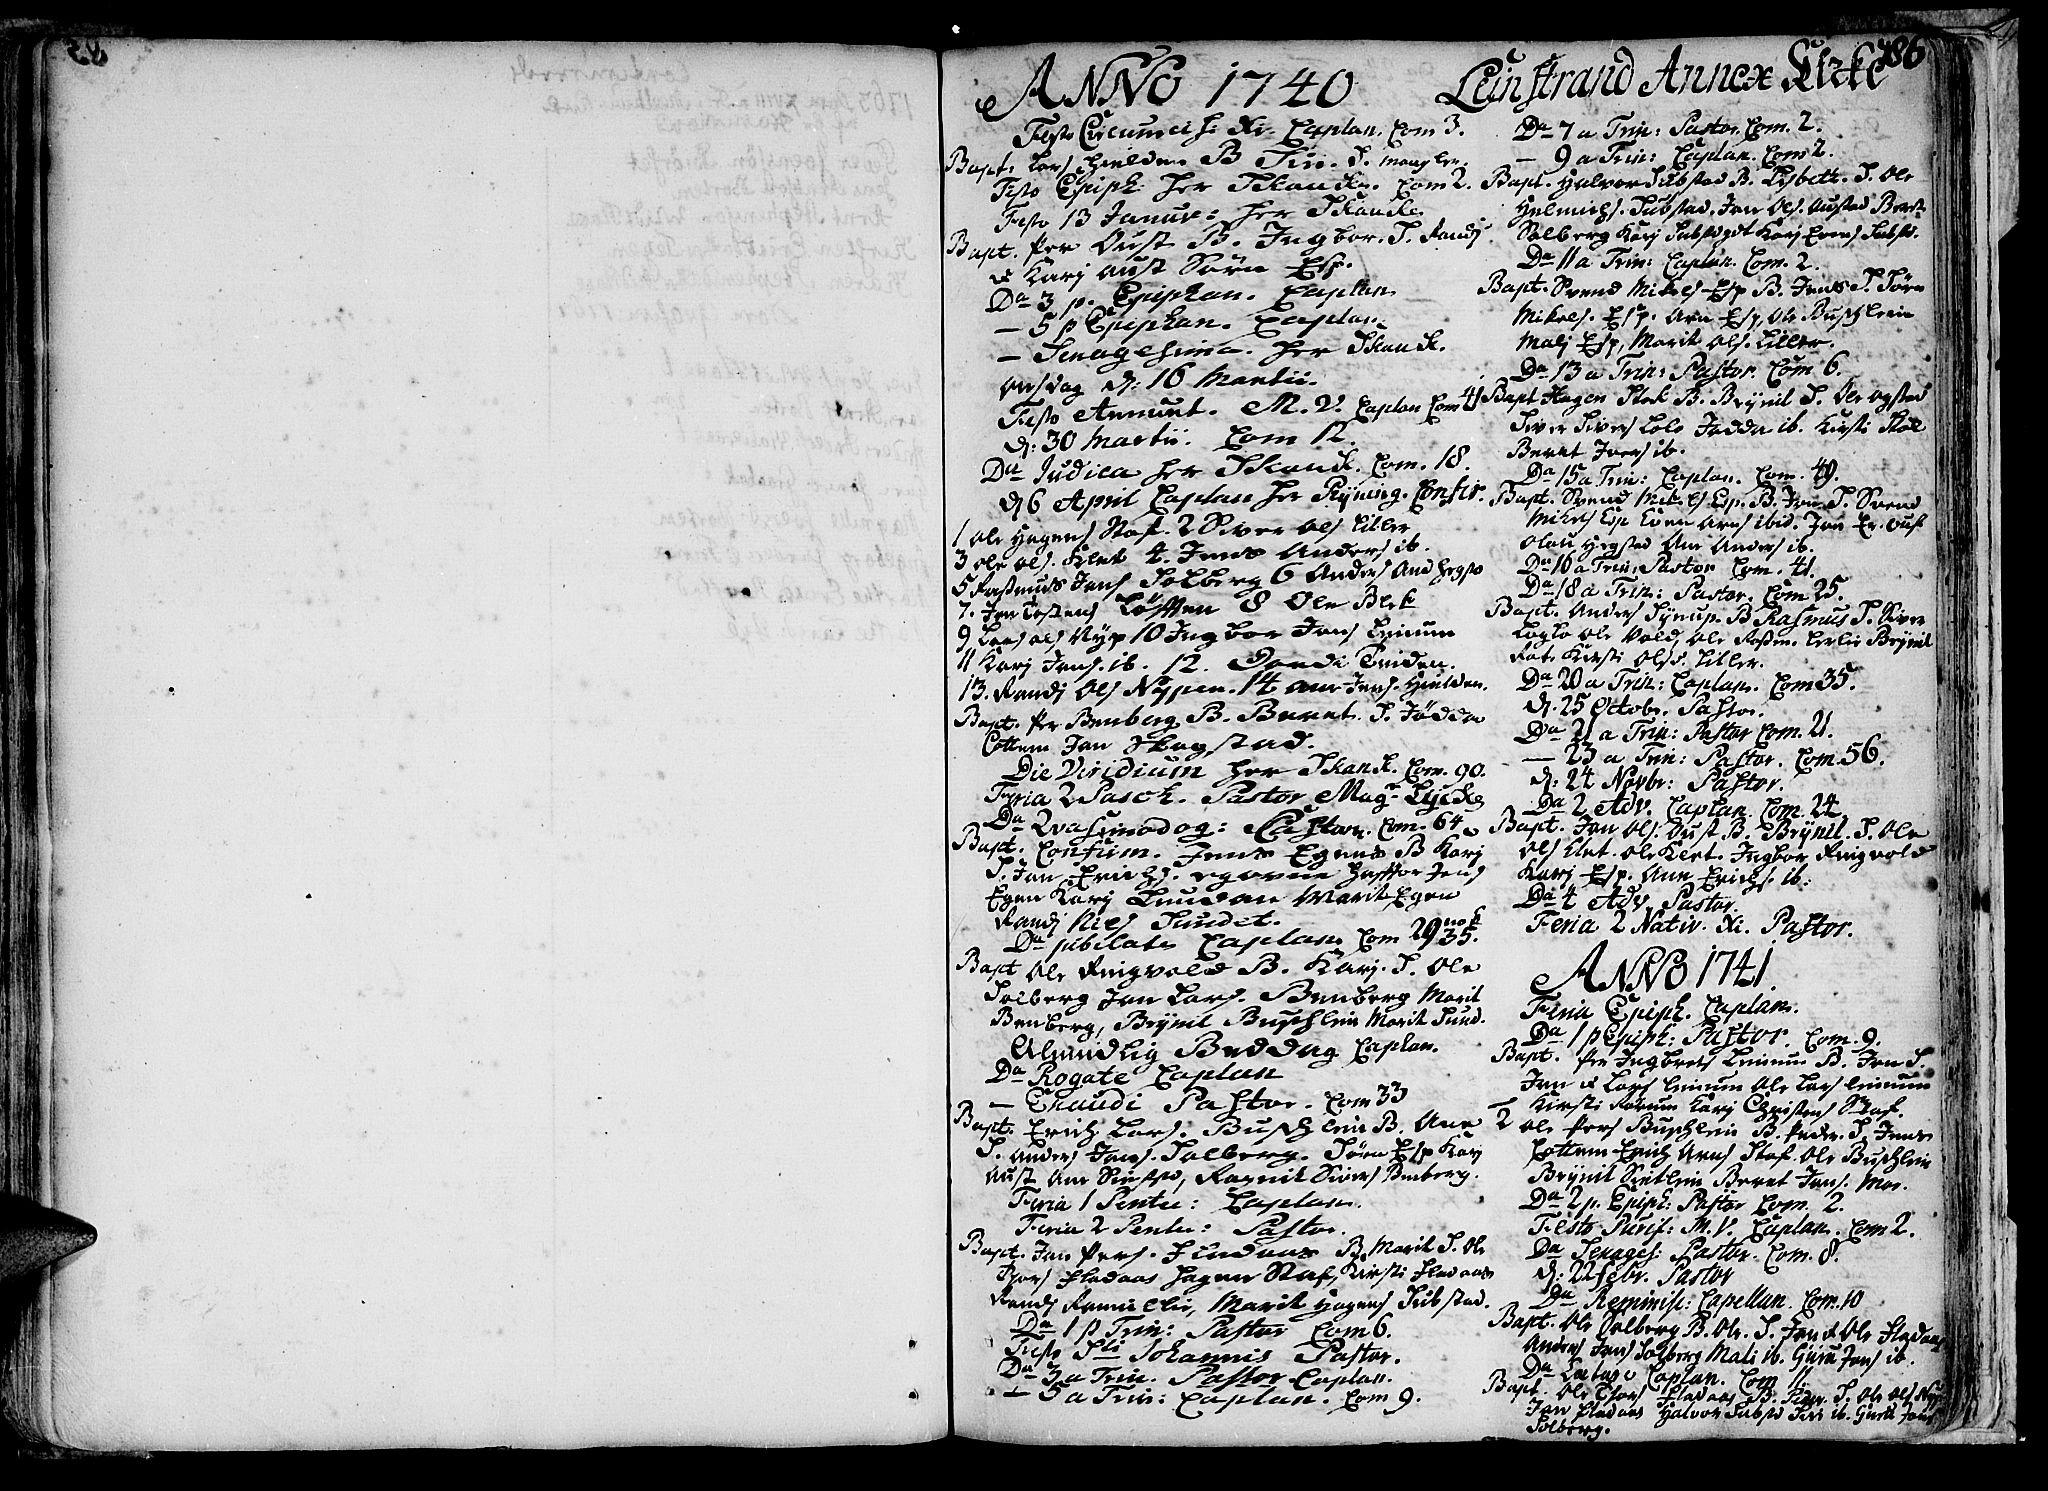 SAT, Ministerialprotokoller, klokkerbøker og fødselsregistre - Sør-Trøndelag, 691/L1059: Ministerialbok nr. 691A01 /3, 1740-1767, s. 86